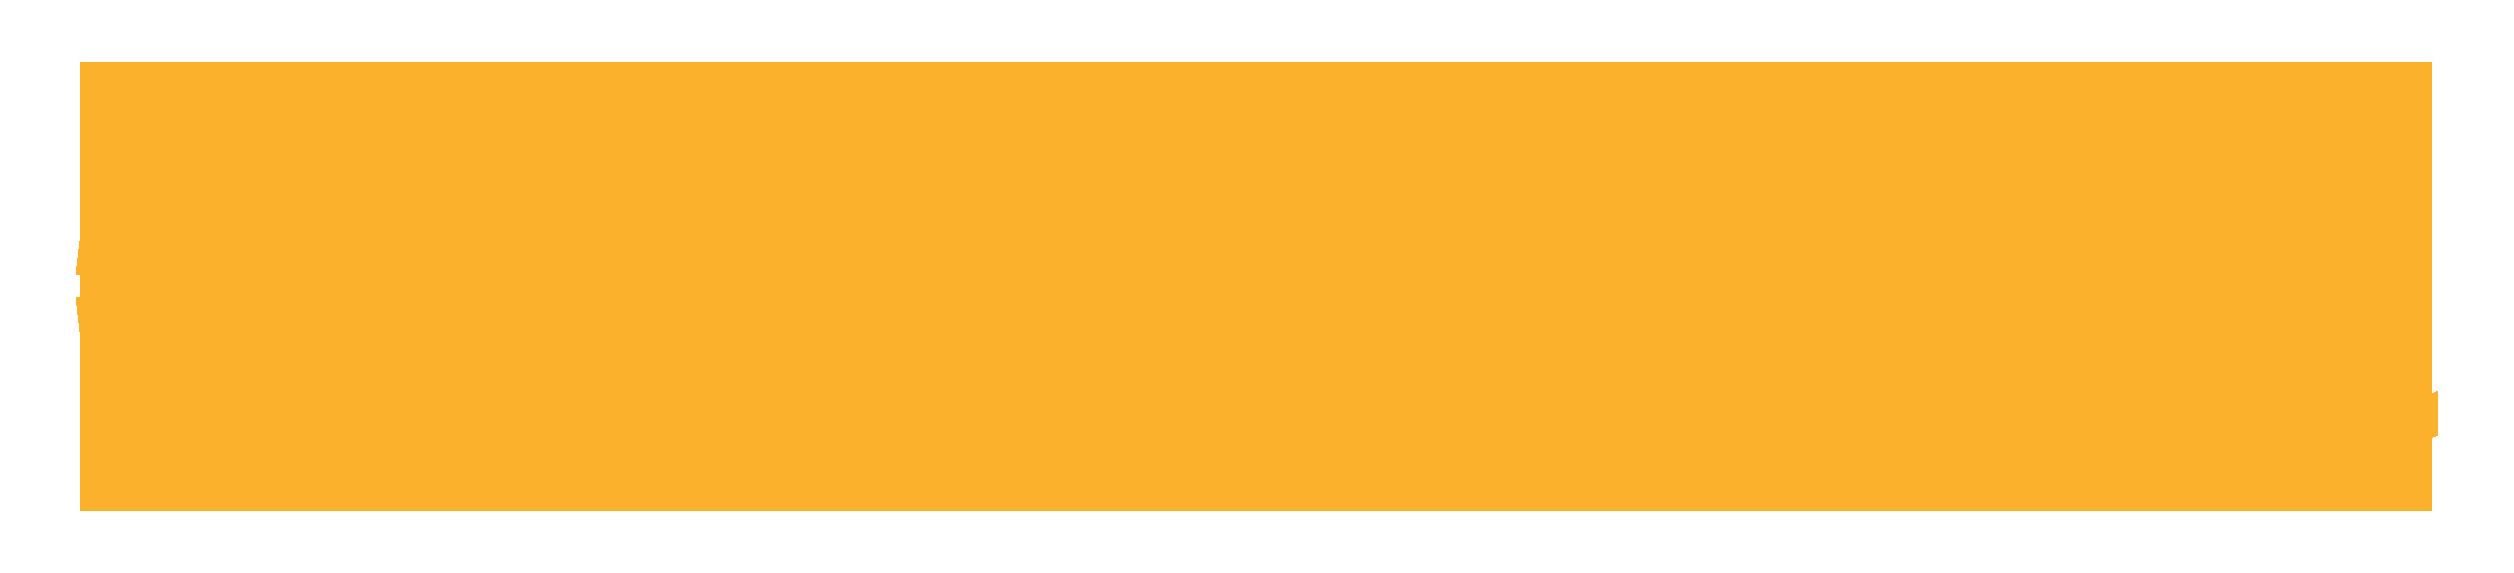 Kiddoteka logo